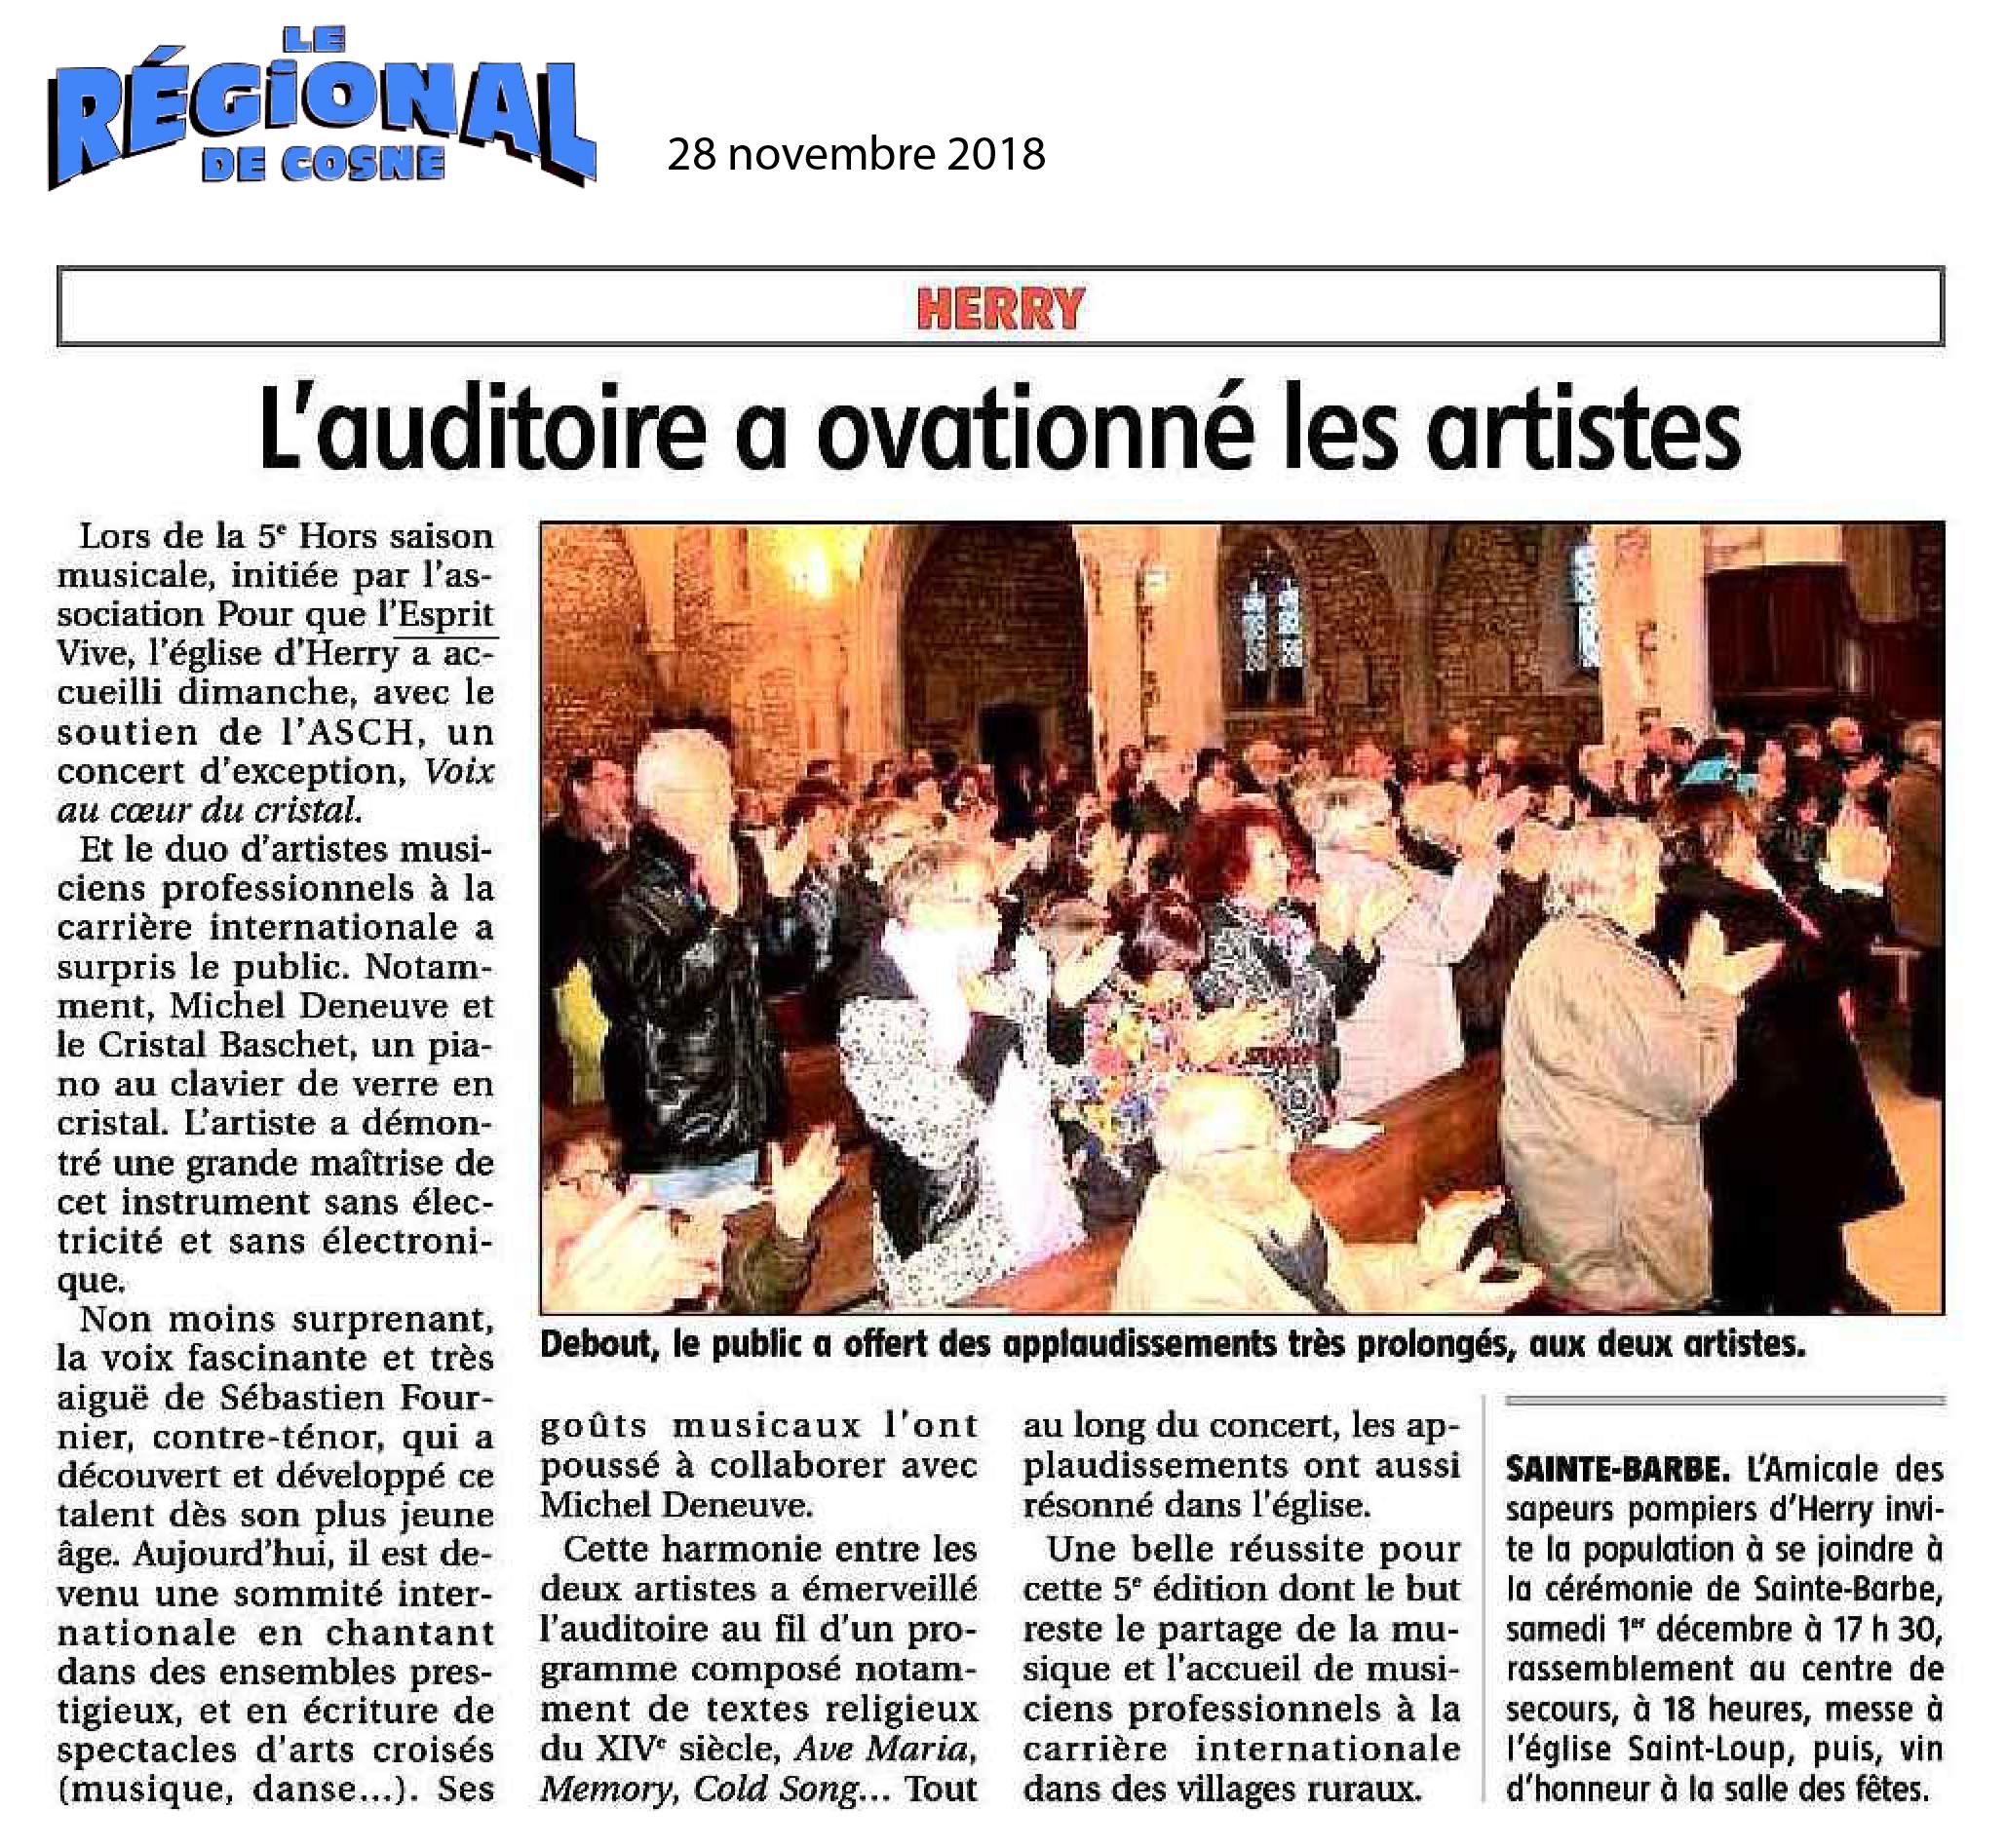 2018-11-28-LE REGIONAL DE COSNE ET DU CHARITOIS